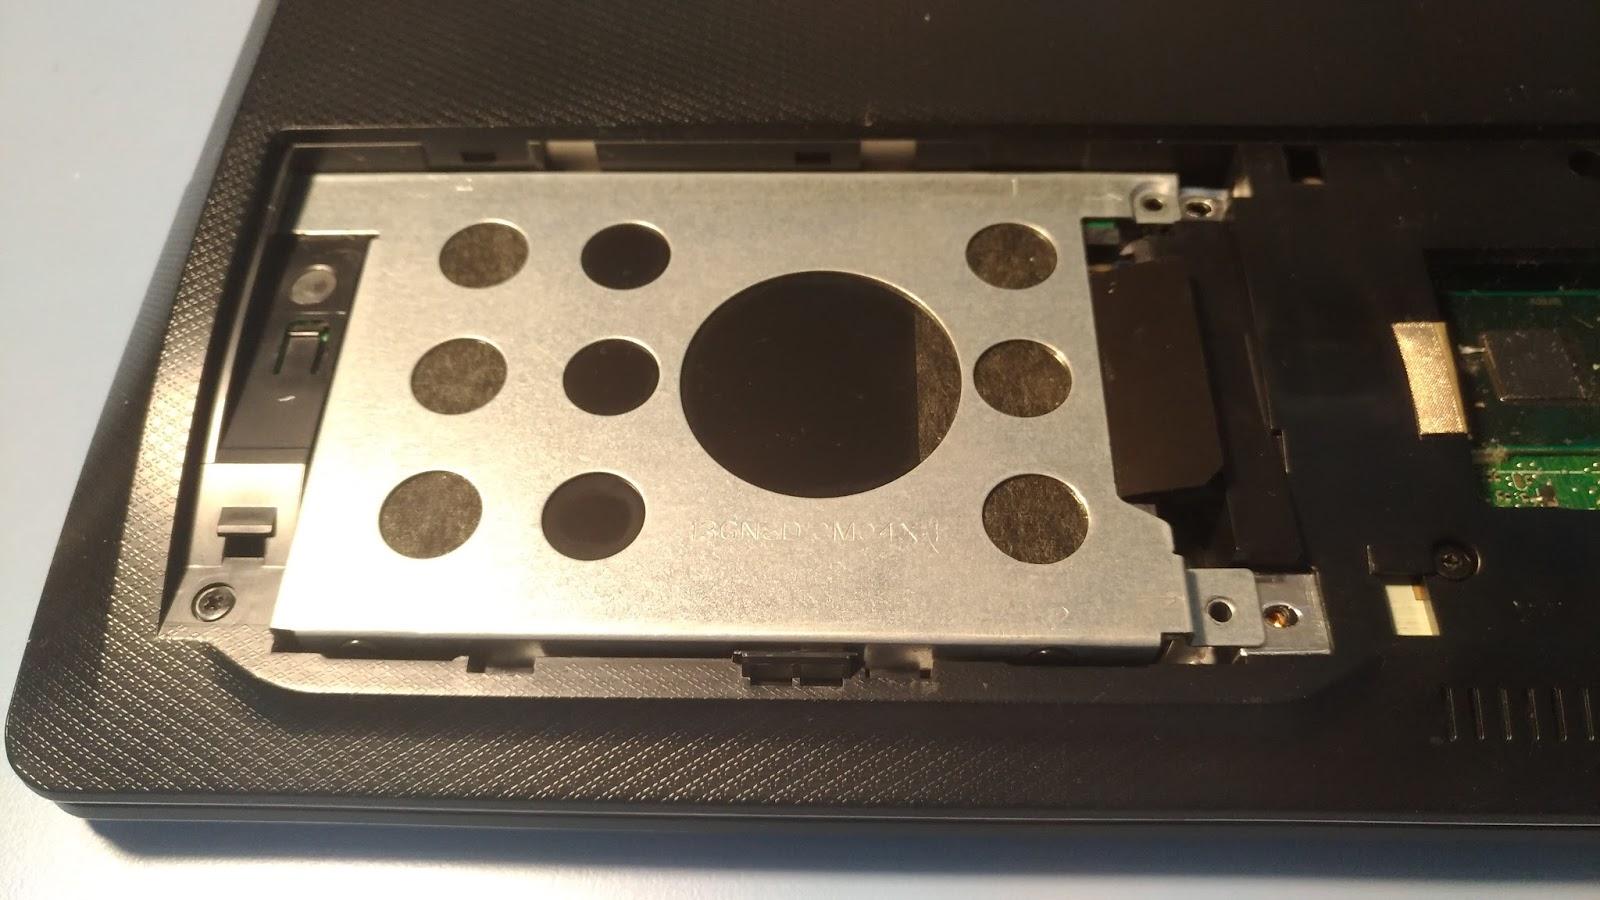 P 20170322 193240 vHDR On - Plextor M6V 256G SSD 開箱評測 & Asus K55VD 拆機升級雙硬碟教學